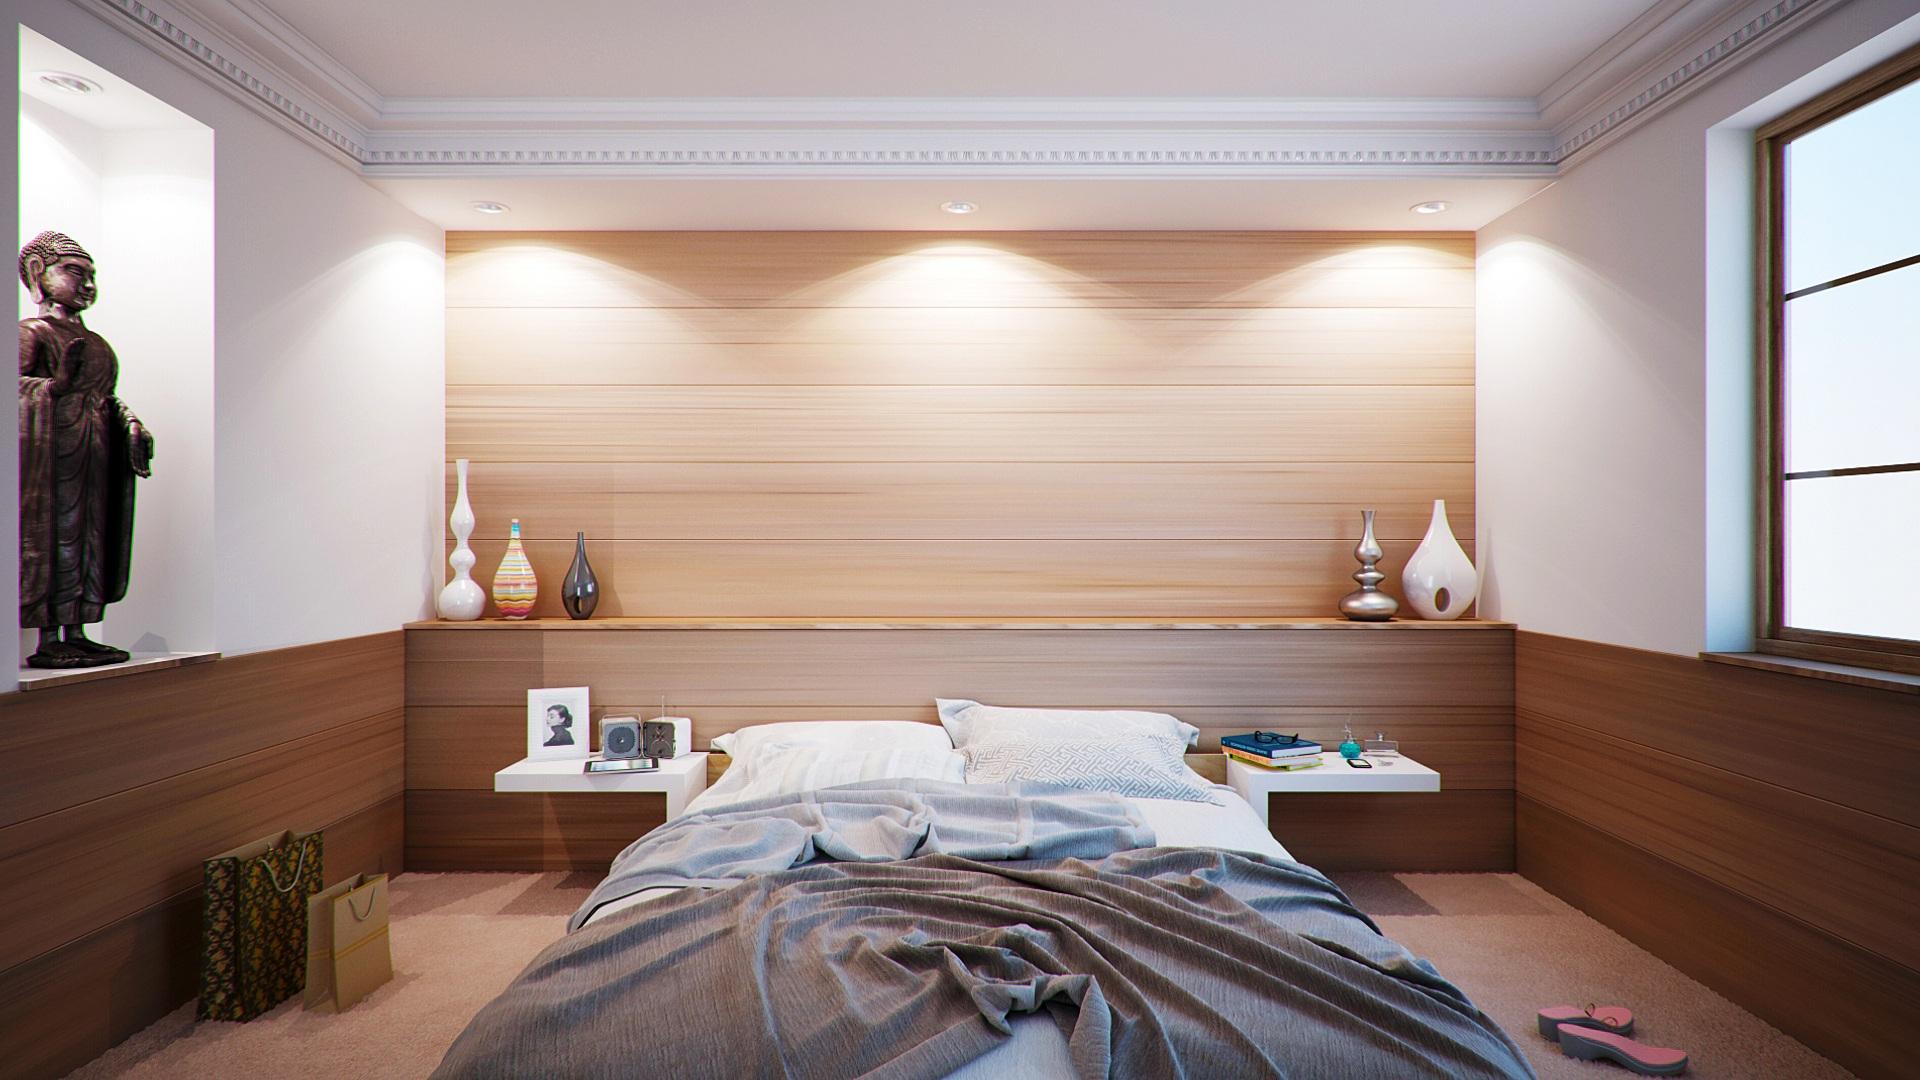 Reformas en dormitorios - Diseño, obra, reforma y decoración del lugar más íntimo de tu hogar.